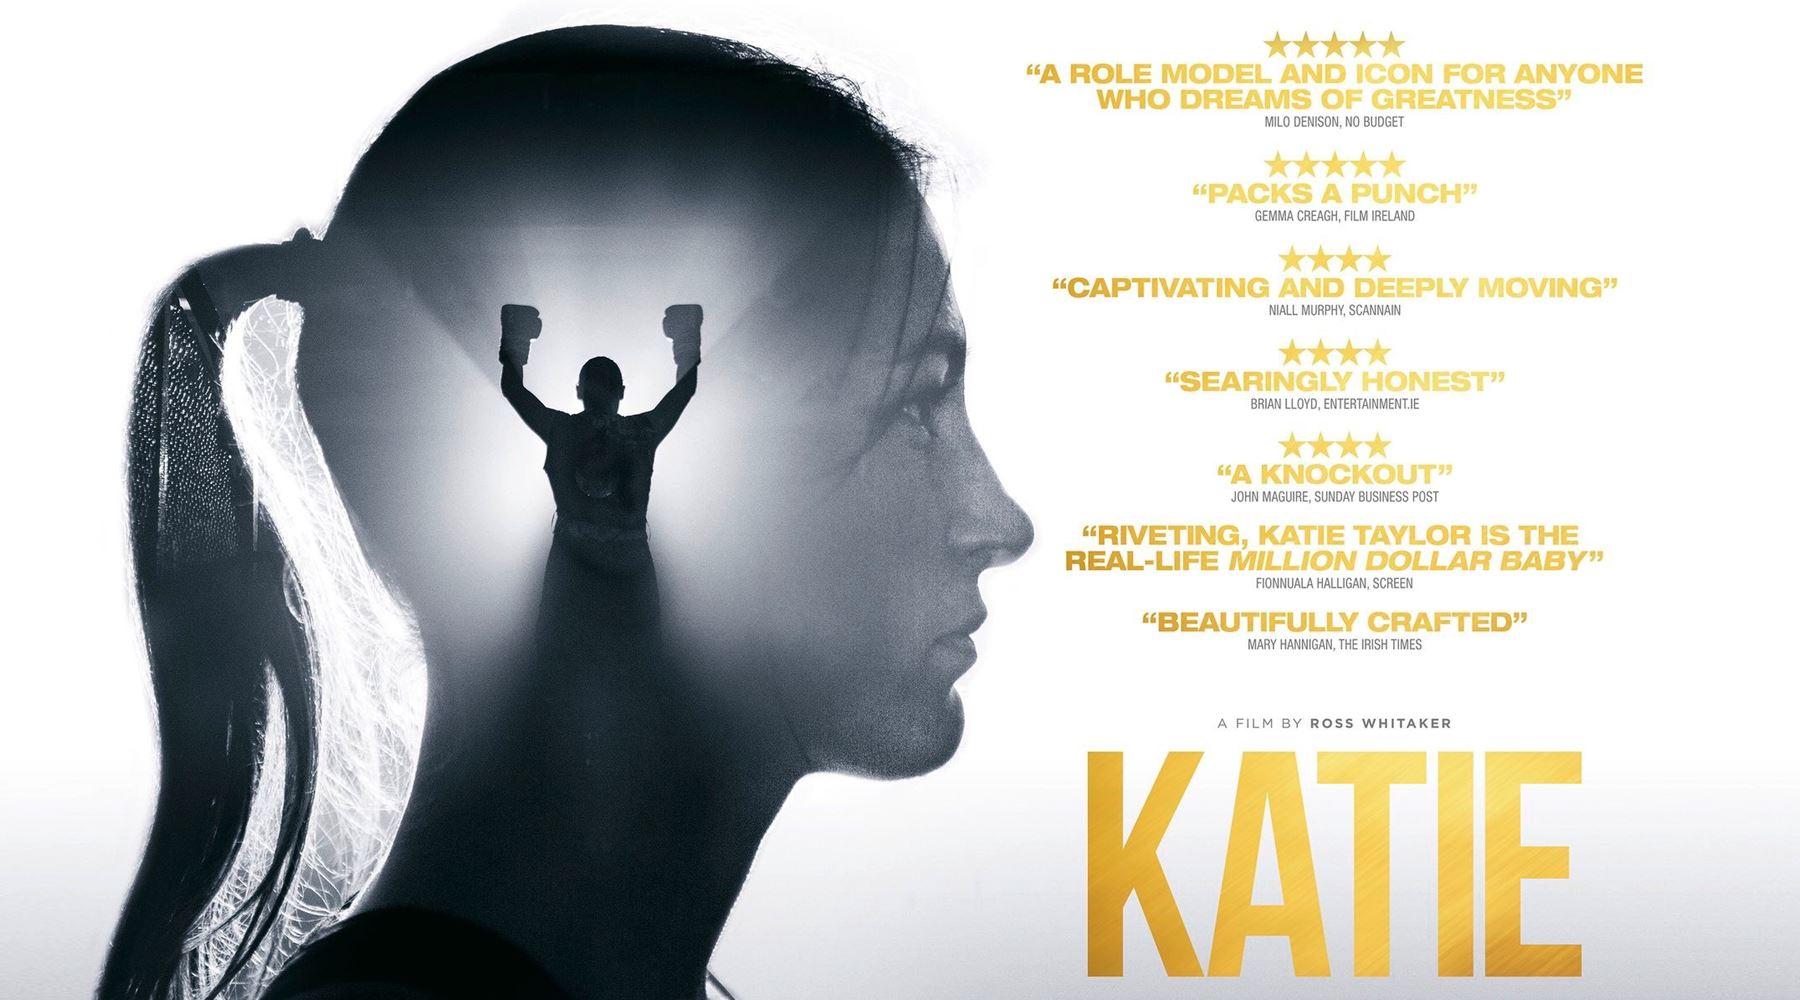 KATIE - Trailer